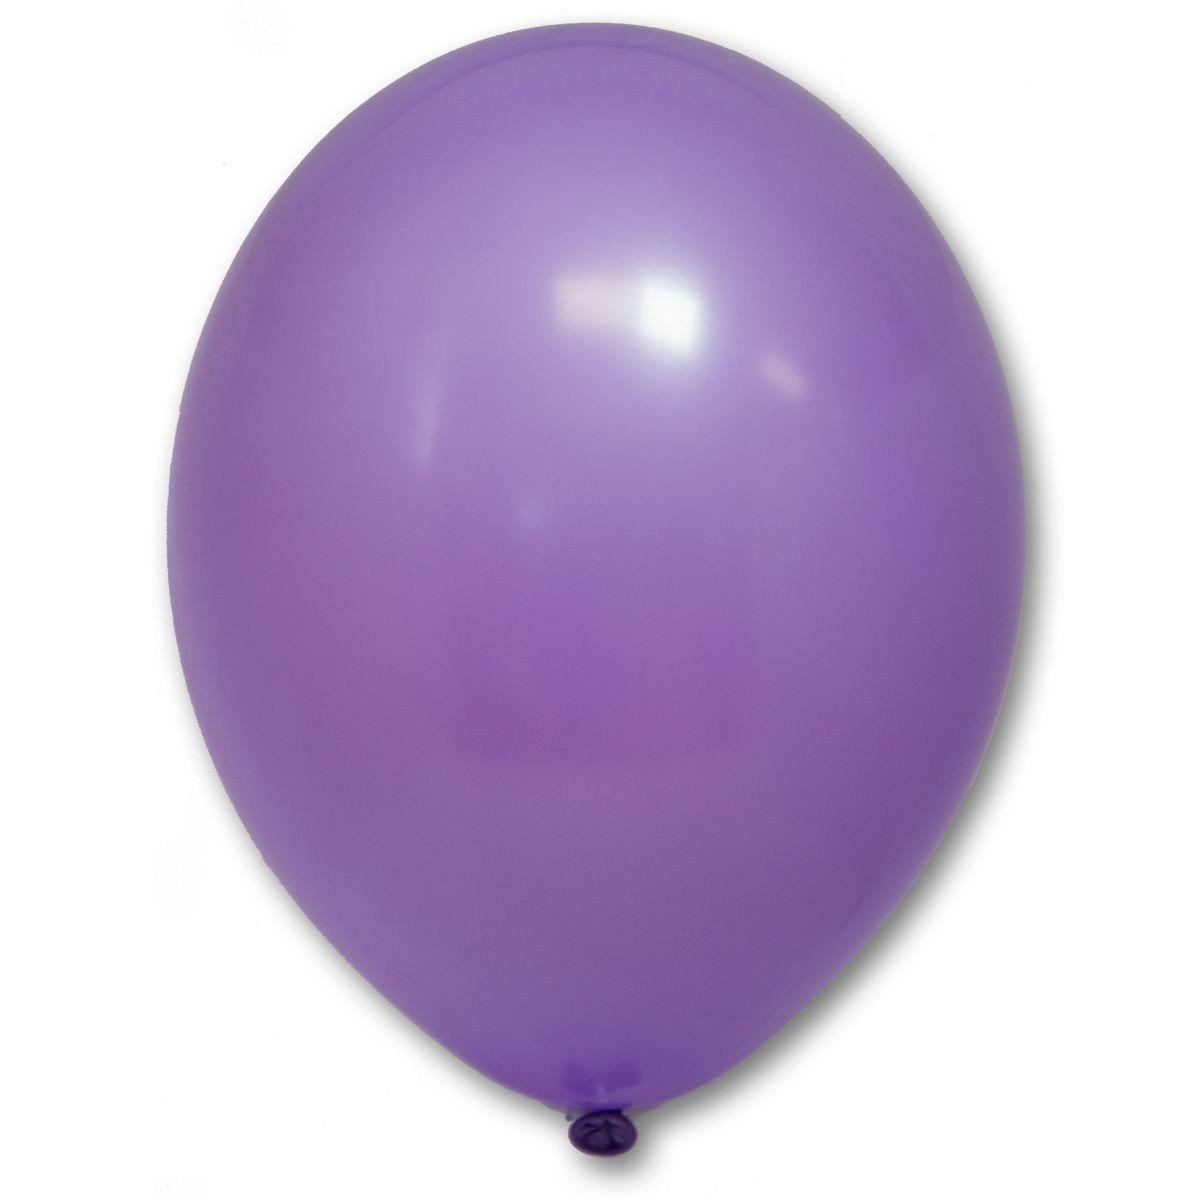 """Кулька 12""""/30 лавандовий 009 латекс пастель ТМ """"Belbal"""" однотонний шт."""